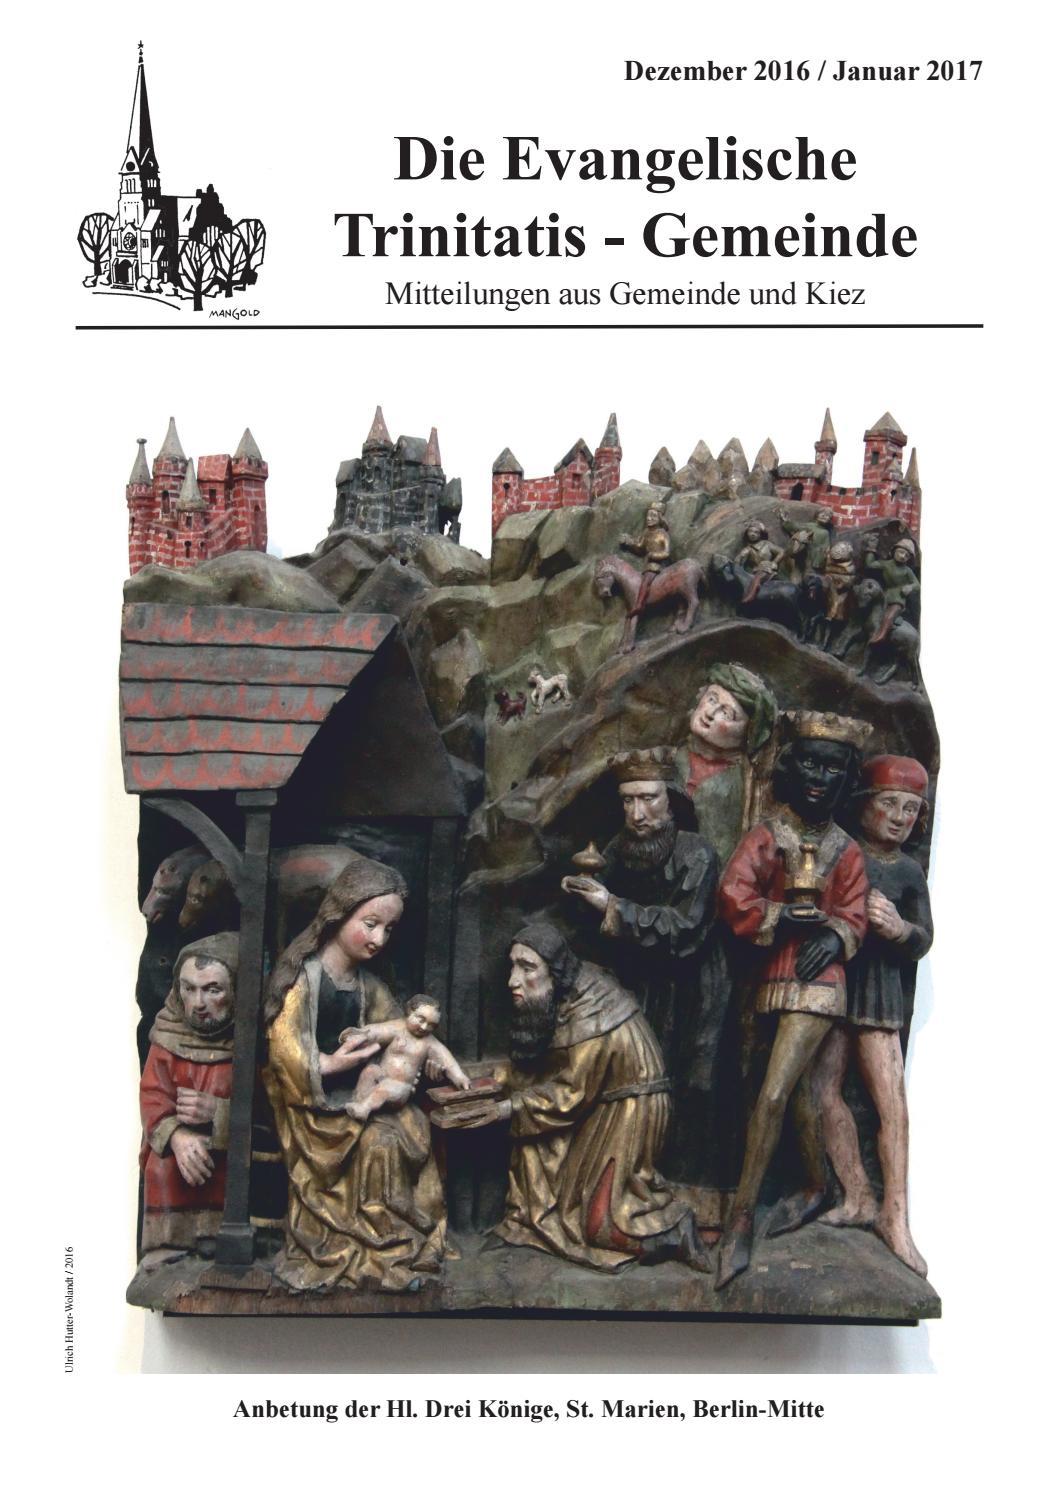 Gallery Gemeindezeitung 25 by Ev. Trinitatis Kirchengemeinde Berlin   issuu is free HD wallpaper.